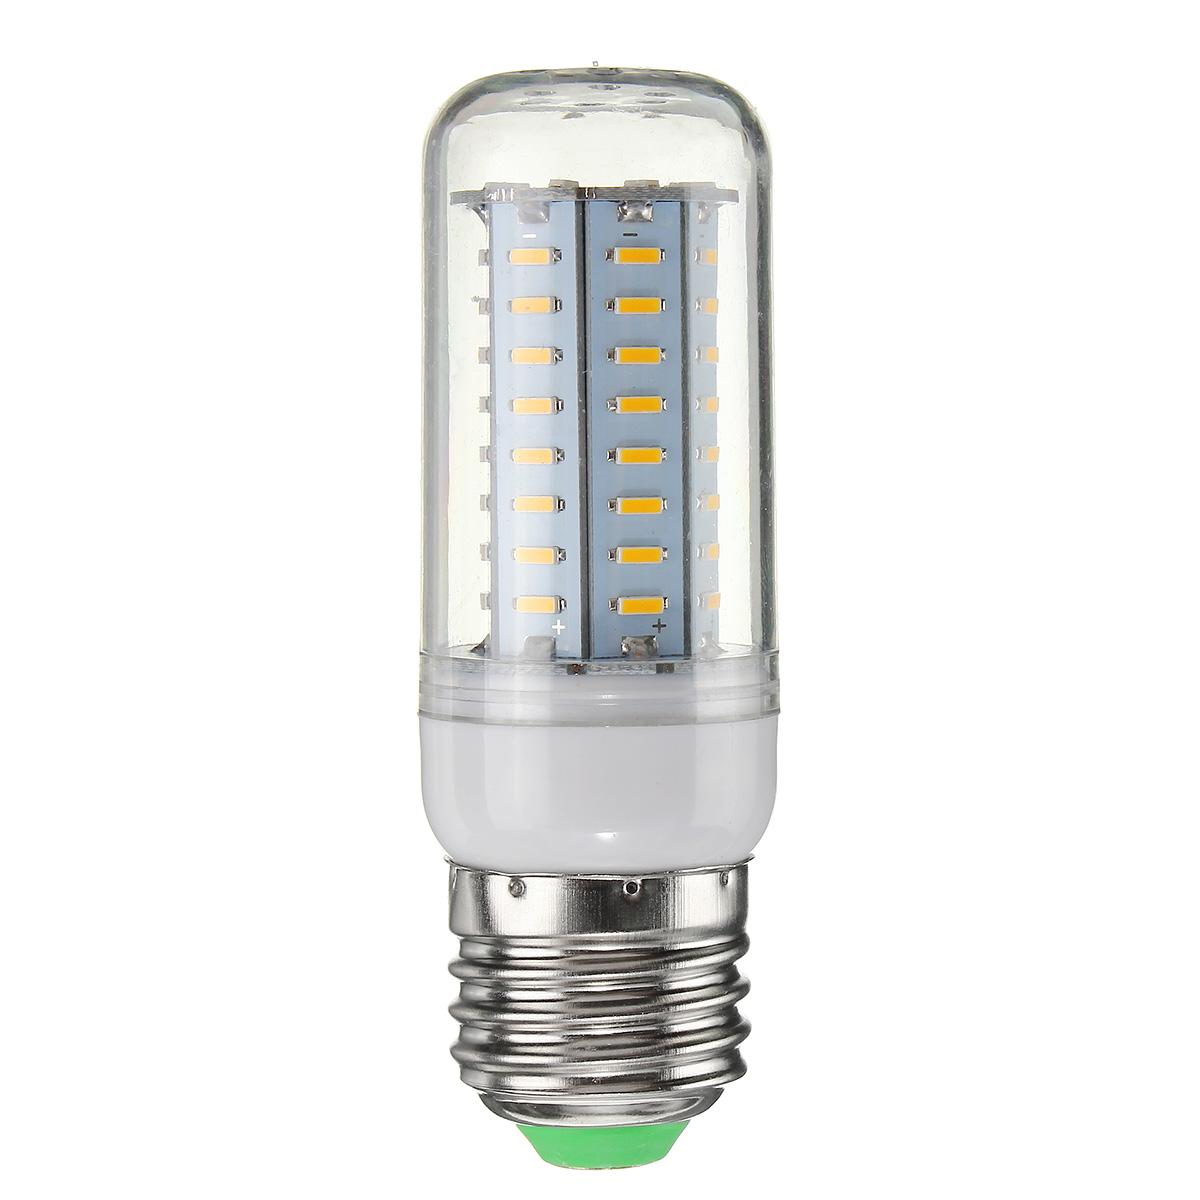 5w smd4014 e27 e14 e12 g9 gu10 b22 led corn light bulb lamp for home decor. Black Bedroom Furniture Sets. Home Design Ideas